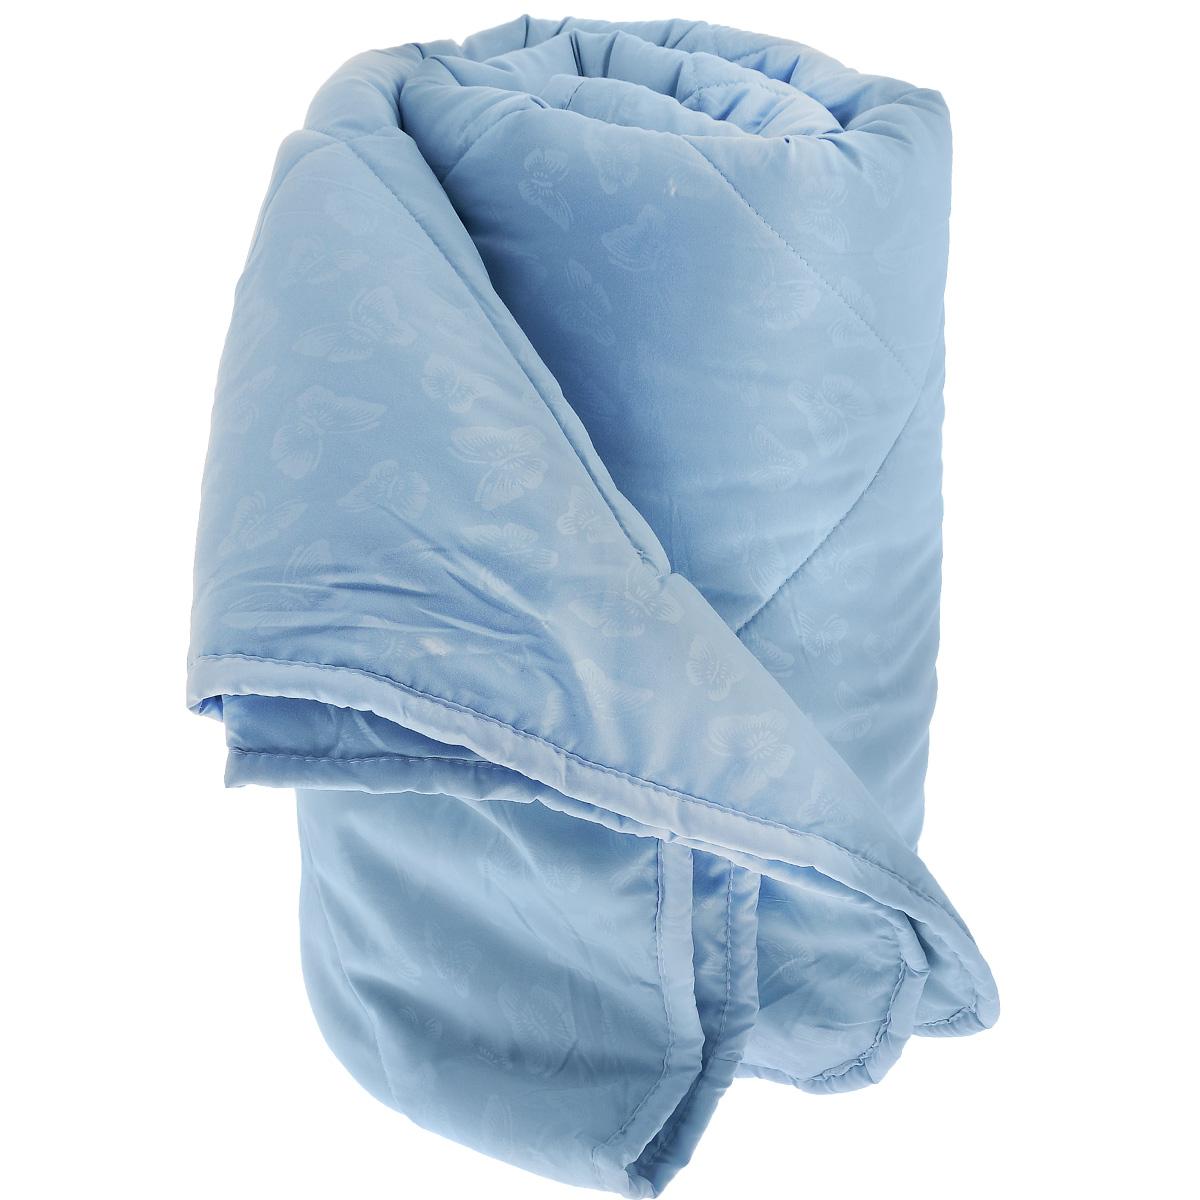 Одеяло La Prima В нежности микрофибры, наполнитель: полиэфирное волокно, цвет: голубой, 170 см х 205 смGC220/05Одеяло La Prima В нежности микрофибры очень легкое, воздушное и одновременно теплое. Идеально подойдет тем, кто ценит мягкость и тепло. Такое изделие подарит комфортный сон. Благодаря особой структуре микроволокна, изделие приобретают дополнительную мягкость и надолго сохраняют свой первоначальный вид. Чехол одеяла выполнен из шелковистой микрофибры, оформленной изящным фактурным теснением в виде бабочек. Наполнитель - полиэфирное волокно - холлотек. Изделие обладает высокой воздухопроницаемостью, прекрасно сохраняет тепло. Оно гипоаллергенно, очень практично и неприхотливо в уходе. Ручная стирка при температуре 30°С. Материал чехла: 100% полиэстер - микрофибра.Наполнитель: полиэфирное волокно - холлотек. Размер: 170 см х 205 см.